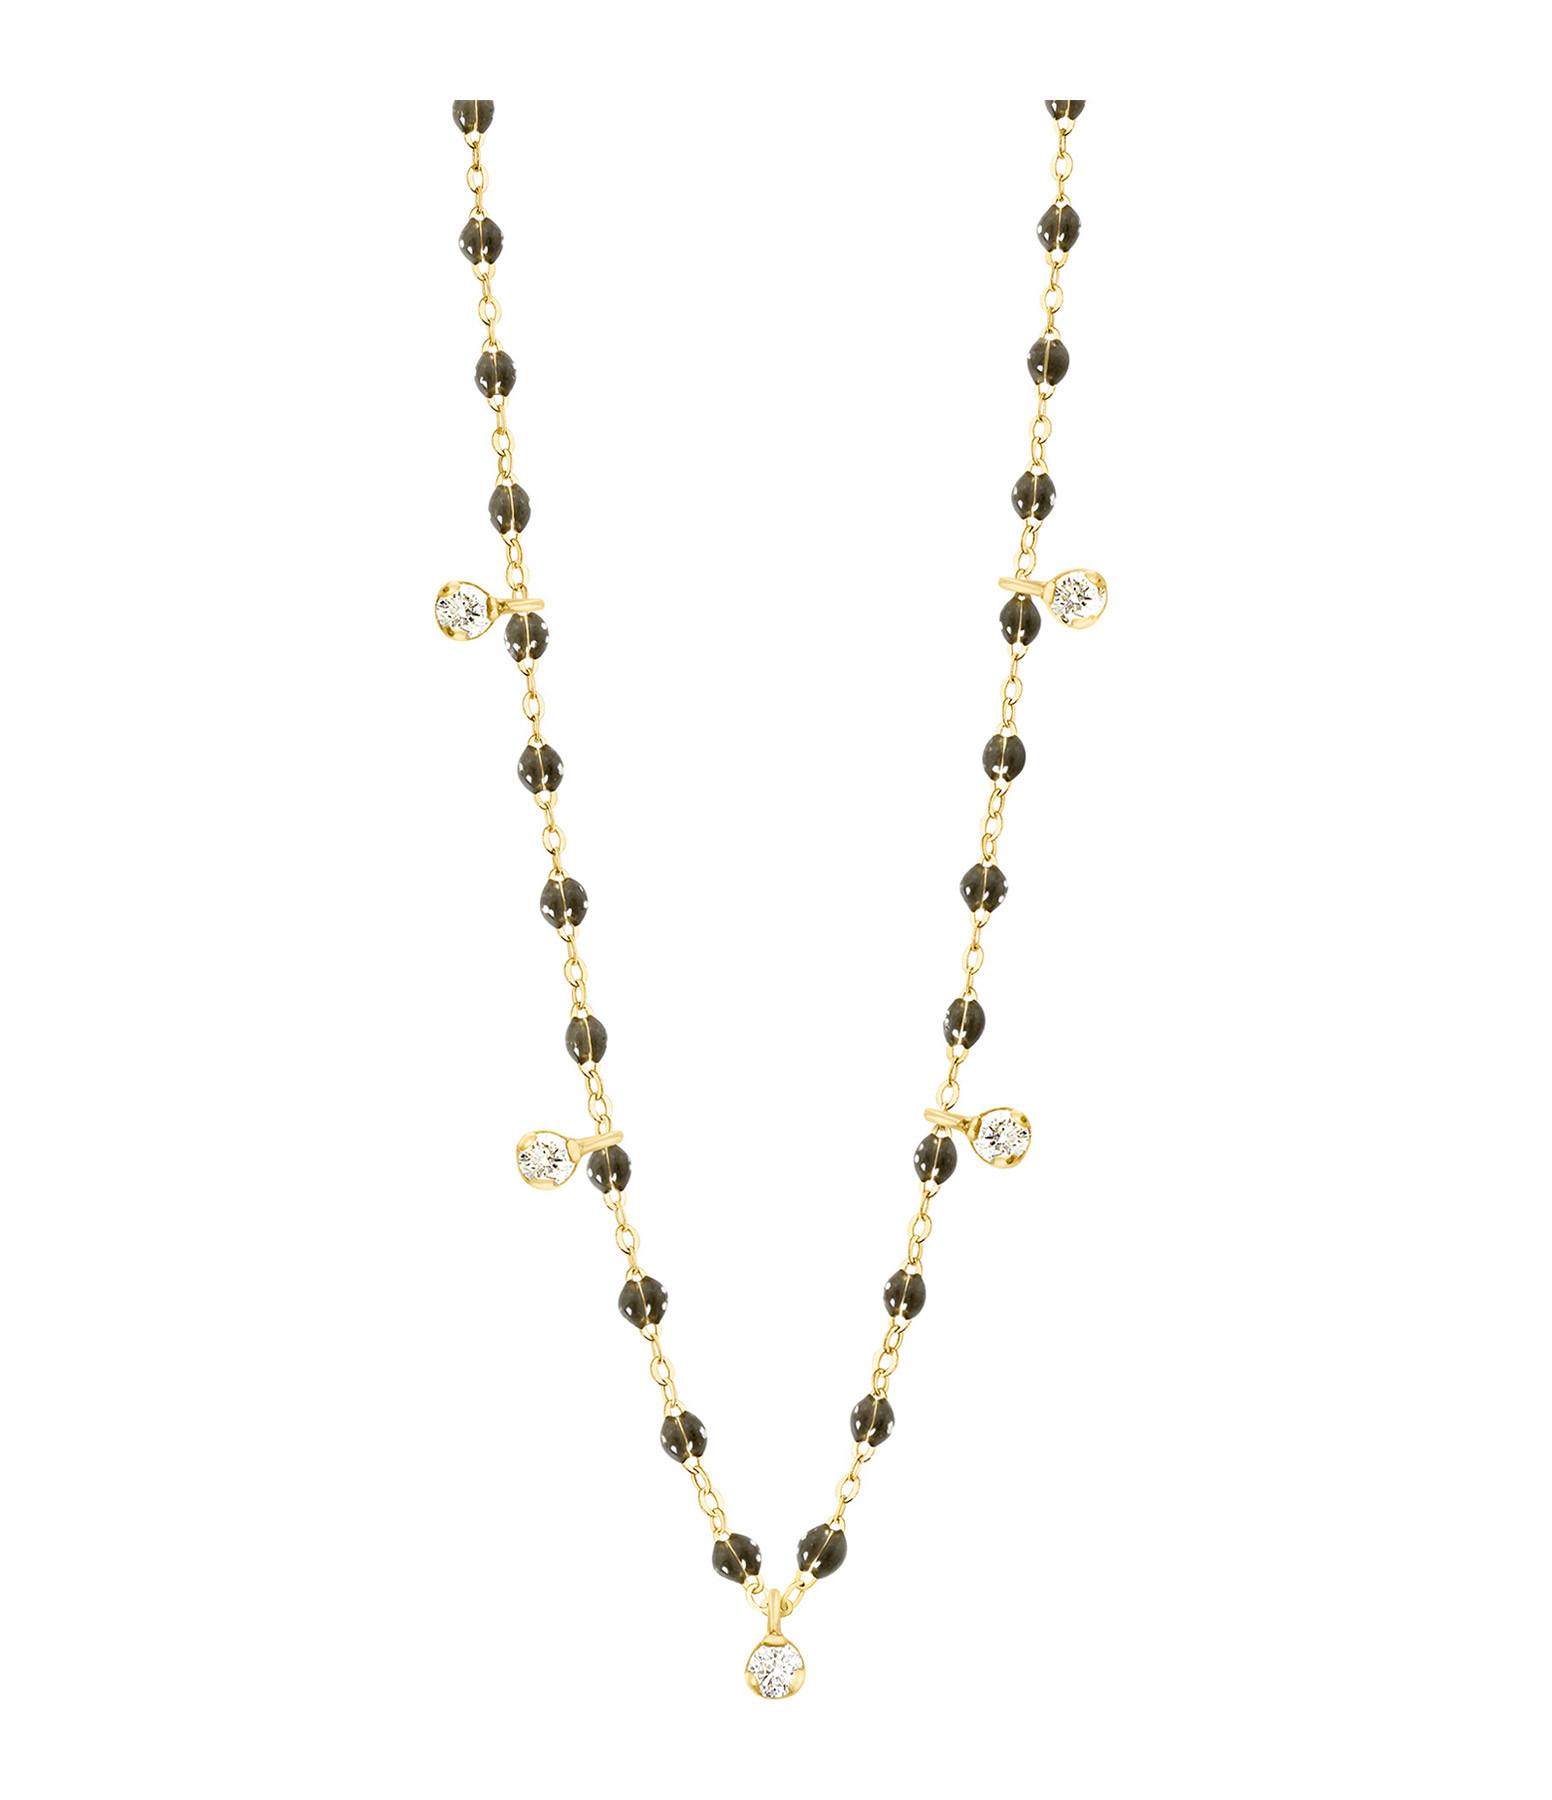 GIGI CLOZEAU - Collier résine Gigi Suprême 5 Diamants Or jaune